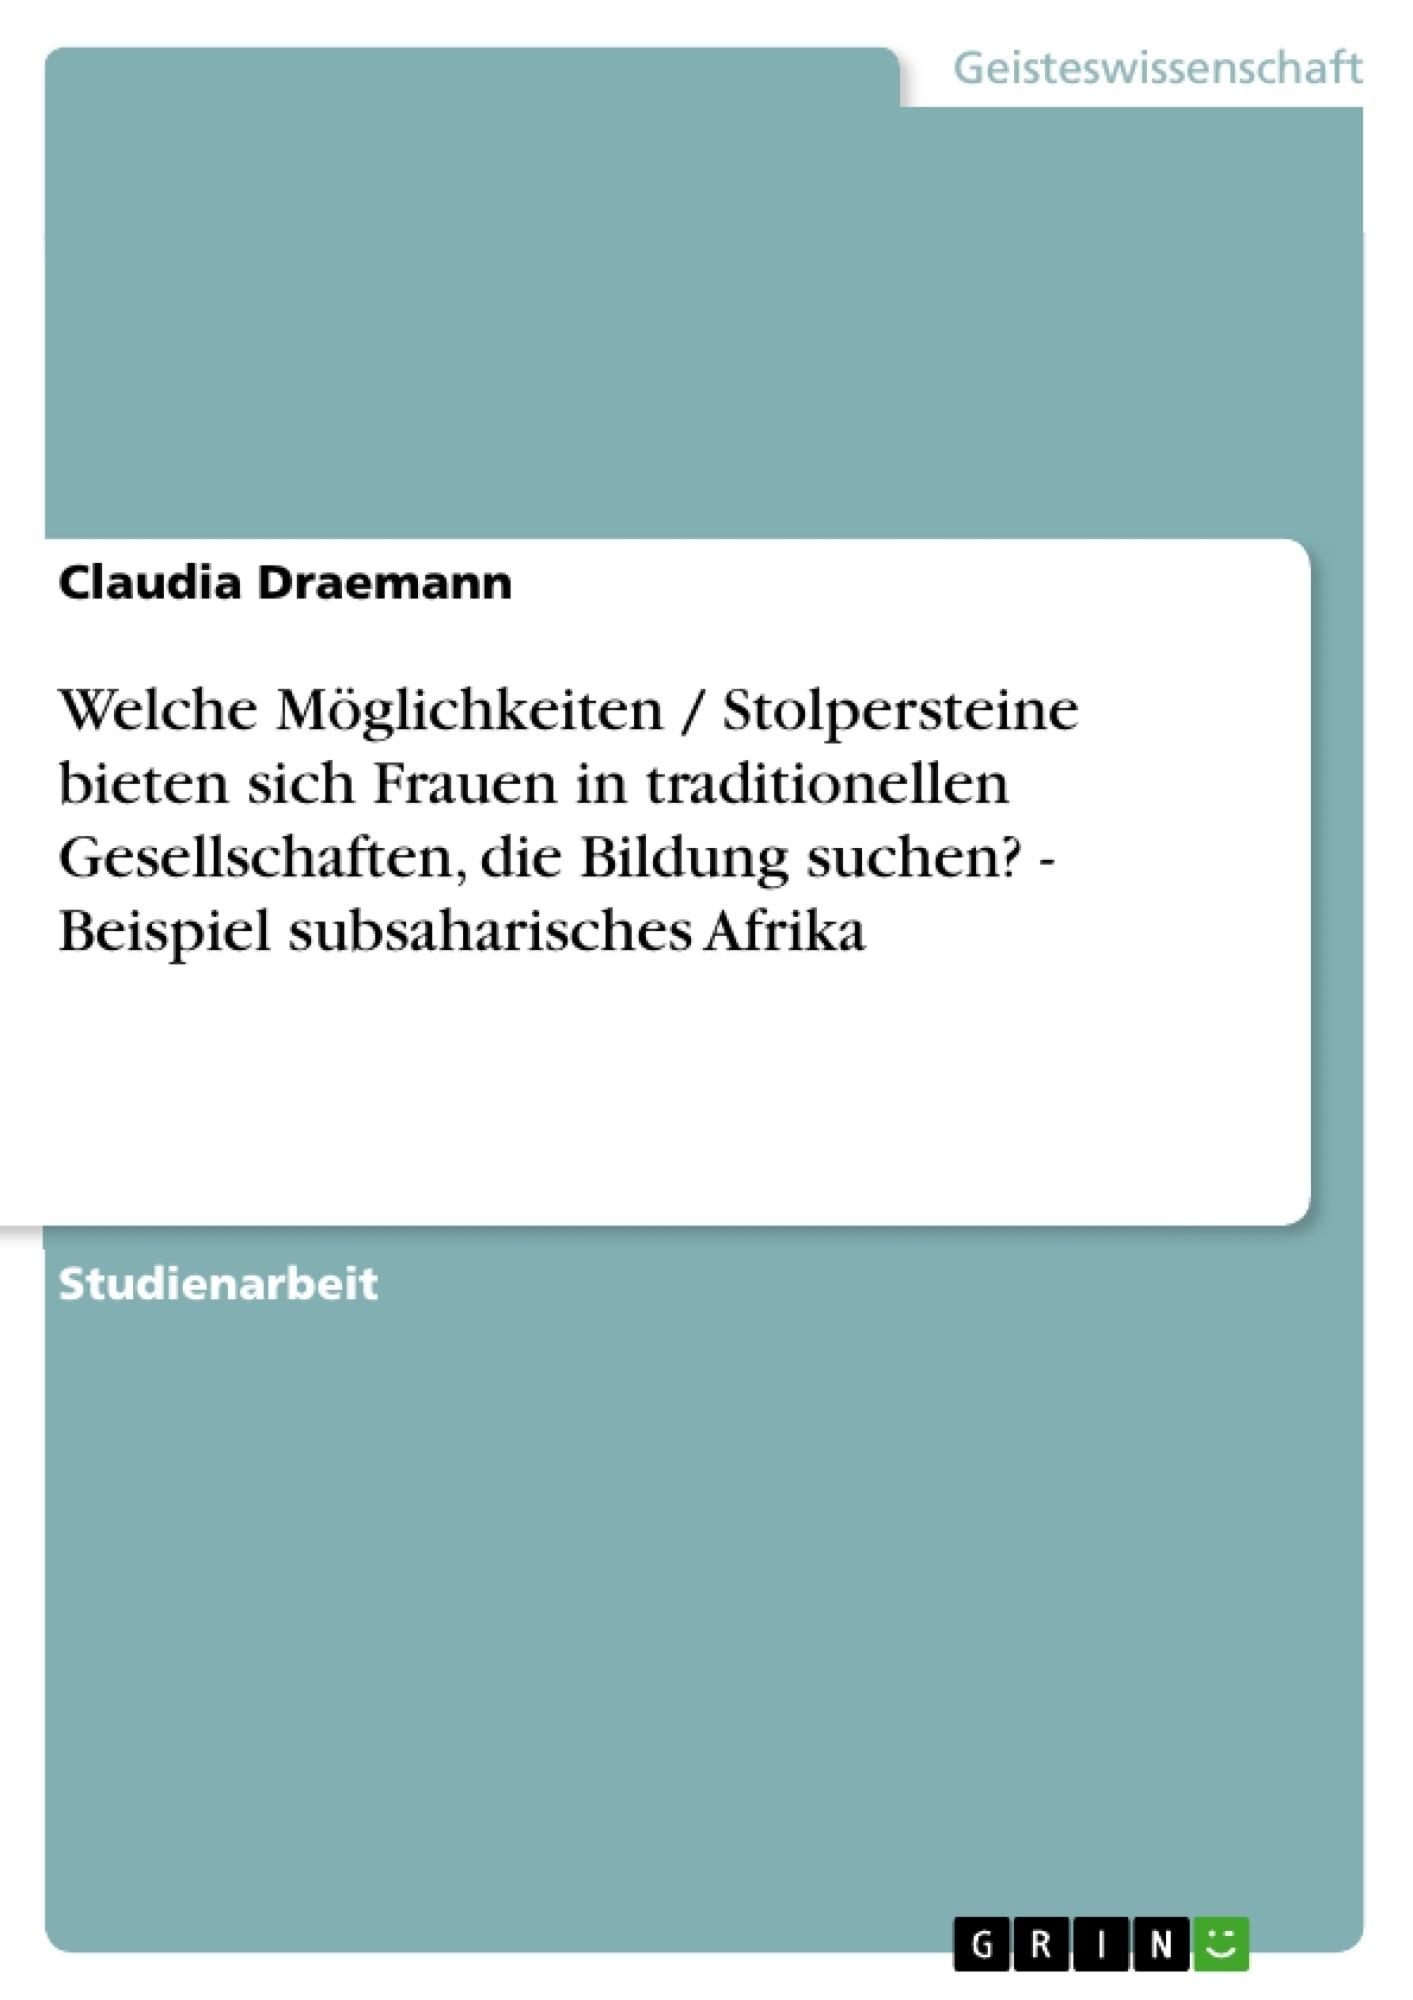 Titel: Welche Möglichkeiten / Stolpersteine bieten sich Frauen in traditionellen Gesellschaften, die Bildung suchen? - Beispiel subsaharisches Afrika